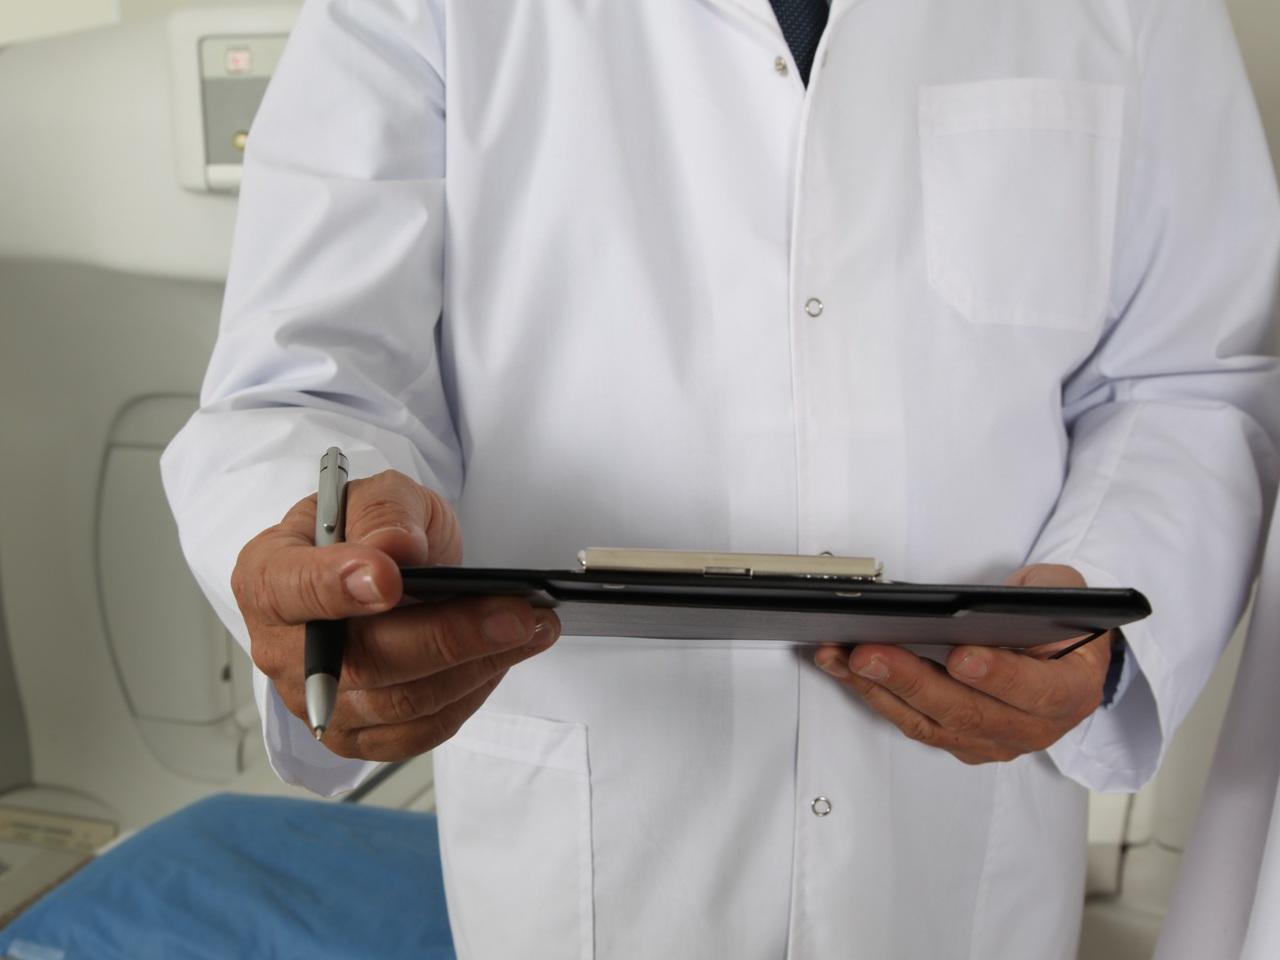 Chefes de equipa da Urgência de Medicina Interna no hospital de Leiria demitem-se